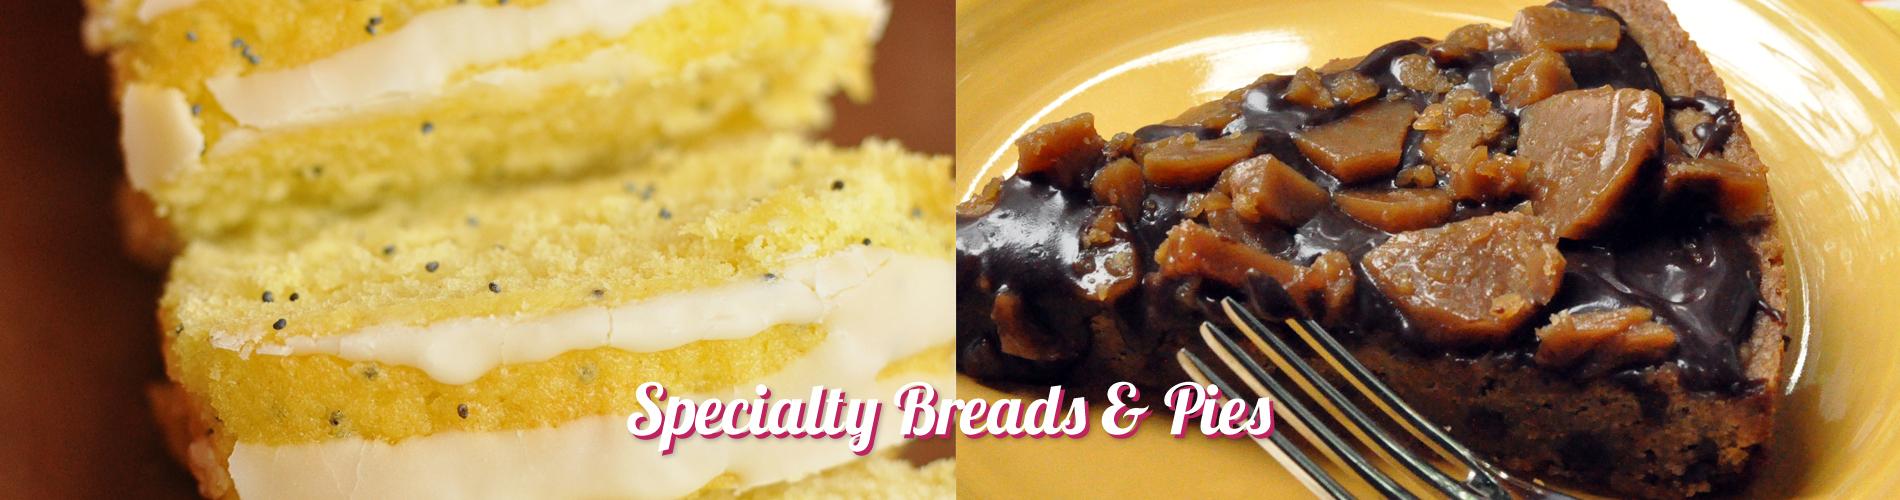 BreadPies-SweetPeaSlider-1215